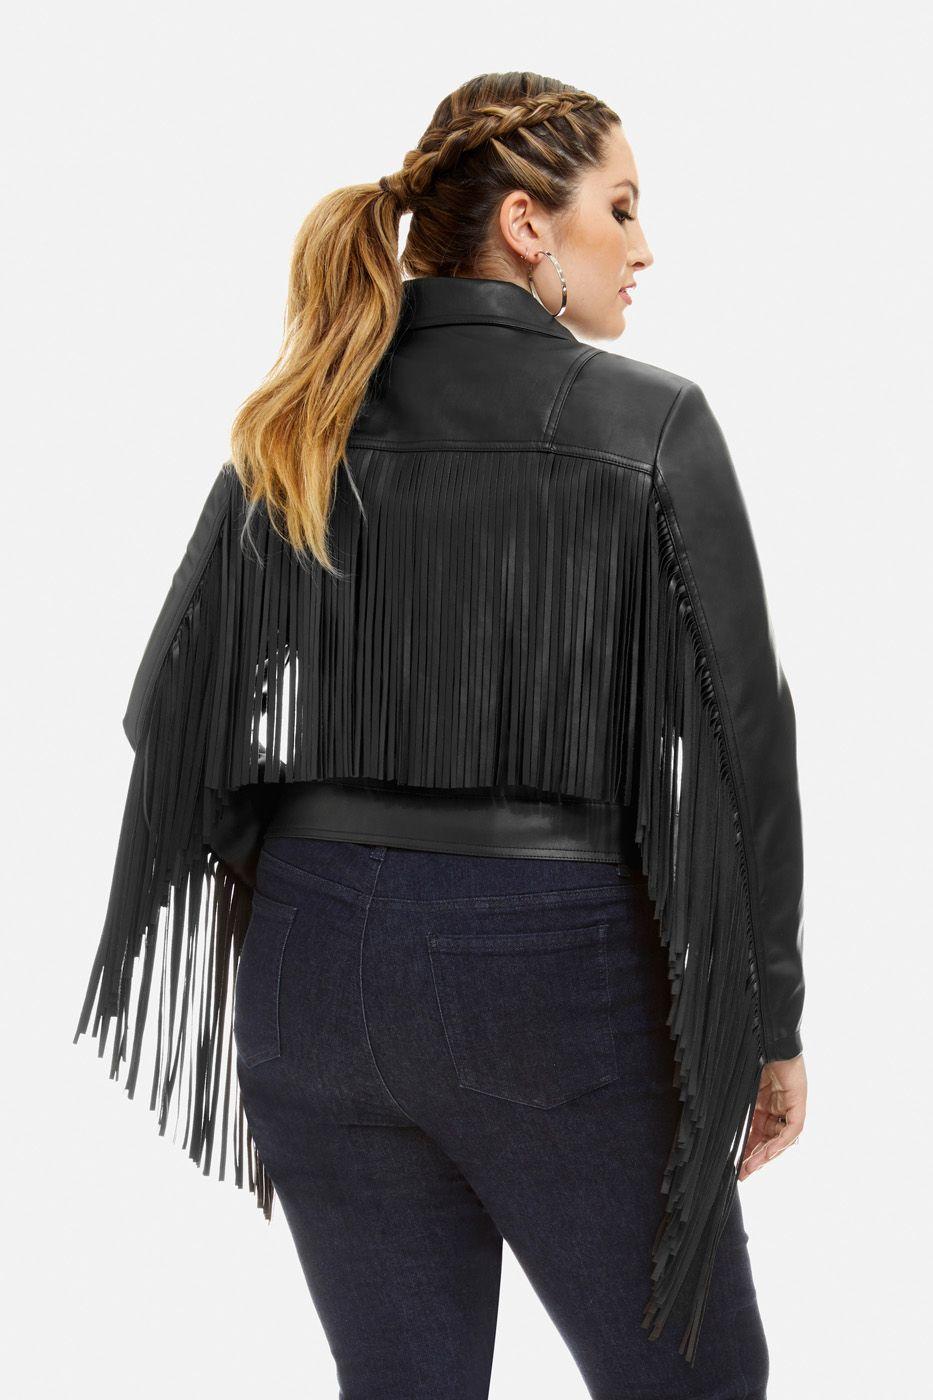 Plus Size Carolina FauxLeather Fringe Moto Jacket size 3